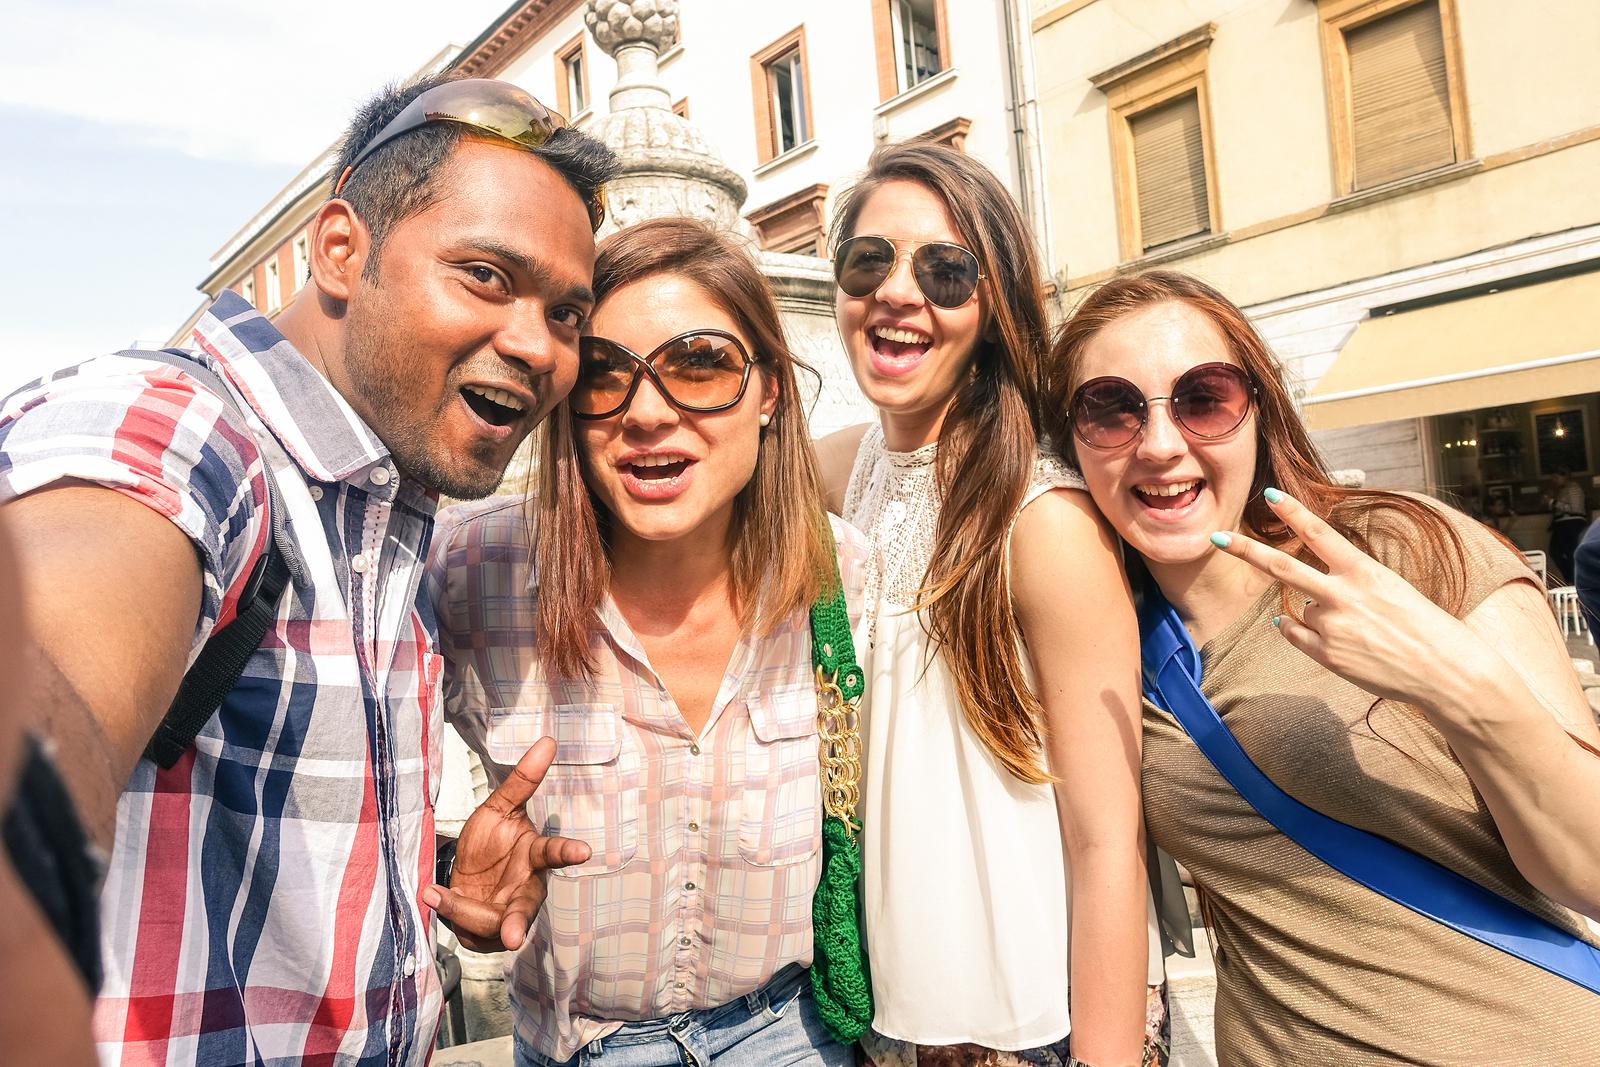 La crescita dell'interconnettività sui social media non smette di innalzare la solitudine giovanile